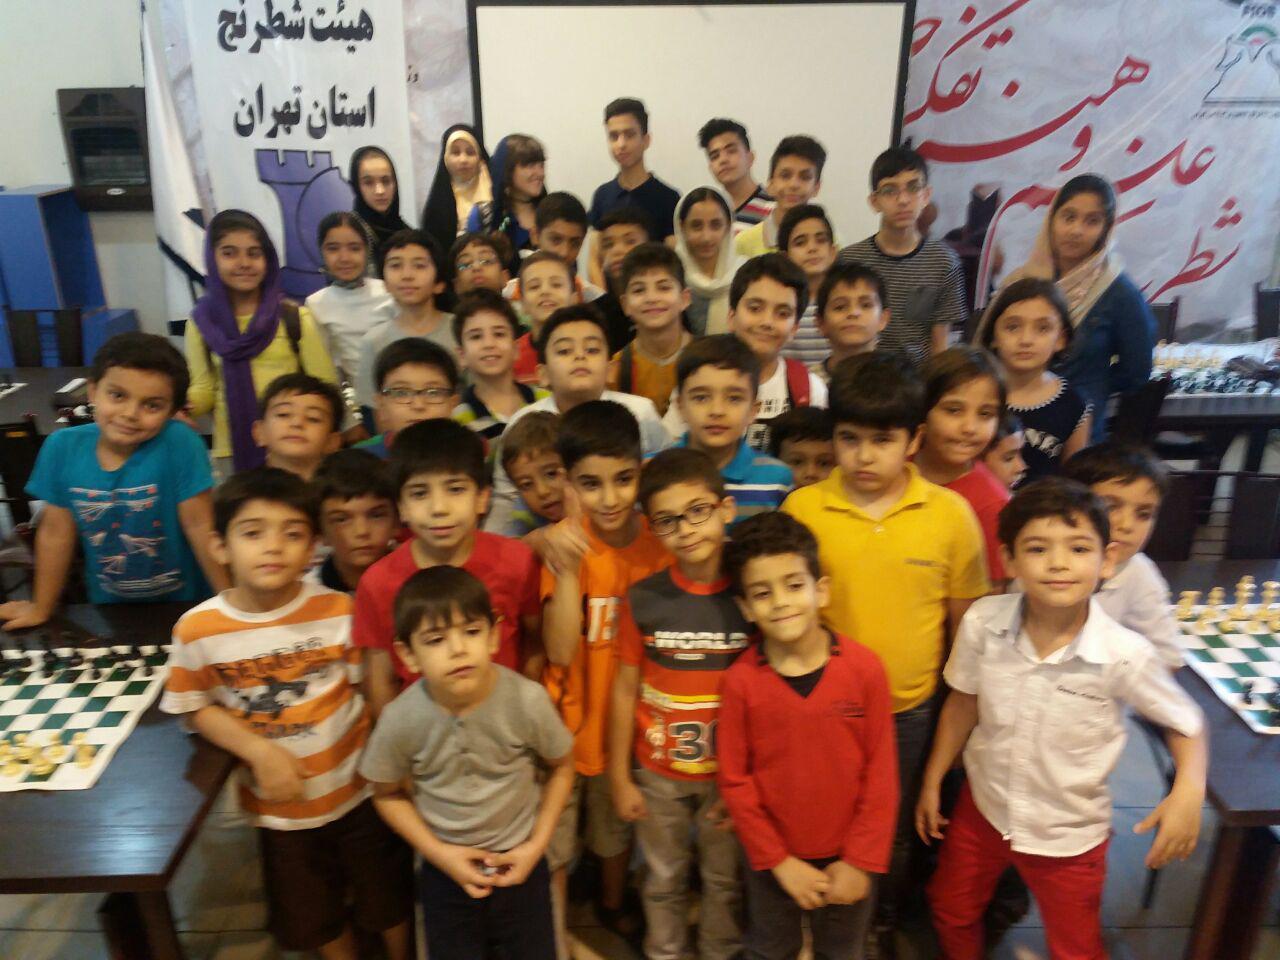 مسابقات پایان ترم مدرسه هیئت شطرنج استان تهران